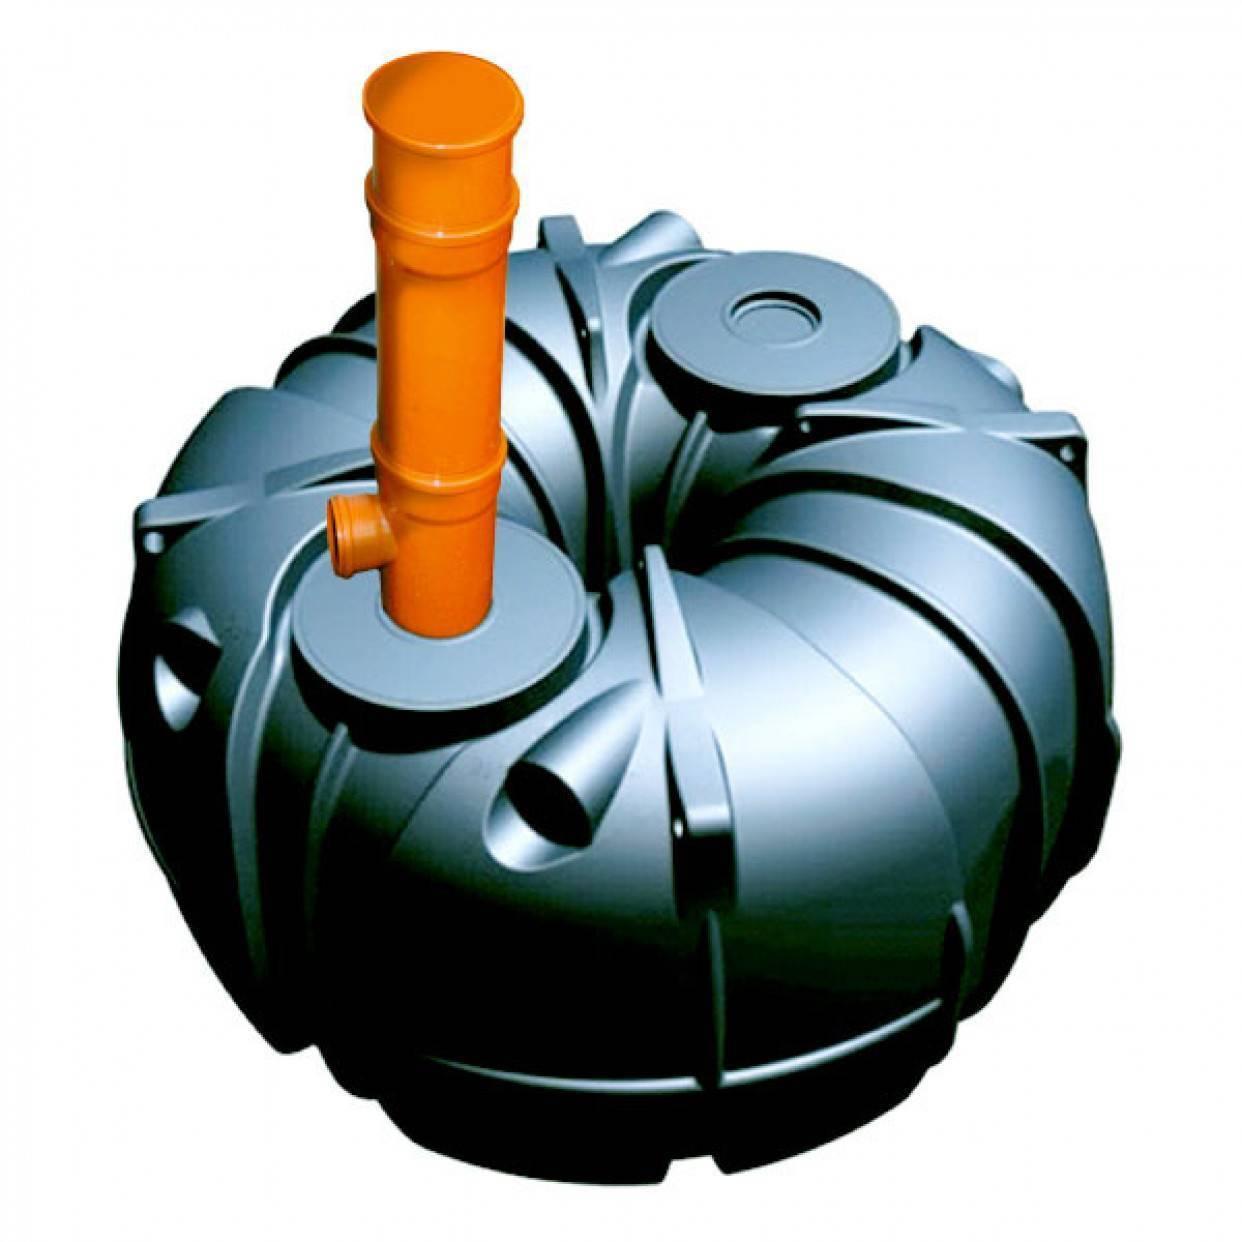 Пластиковая емкость для сточных вод, виды, особенности | септик клён официальный сайт производителя!